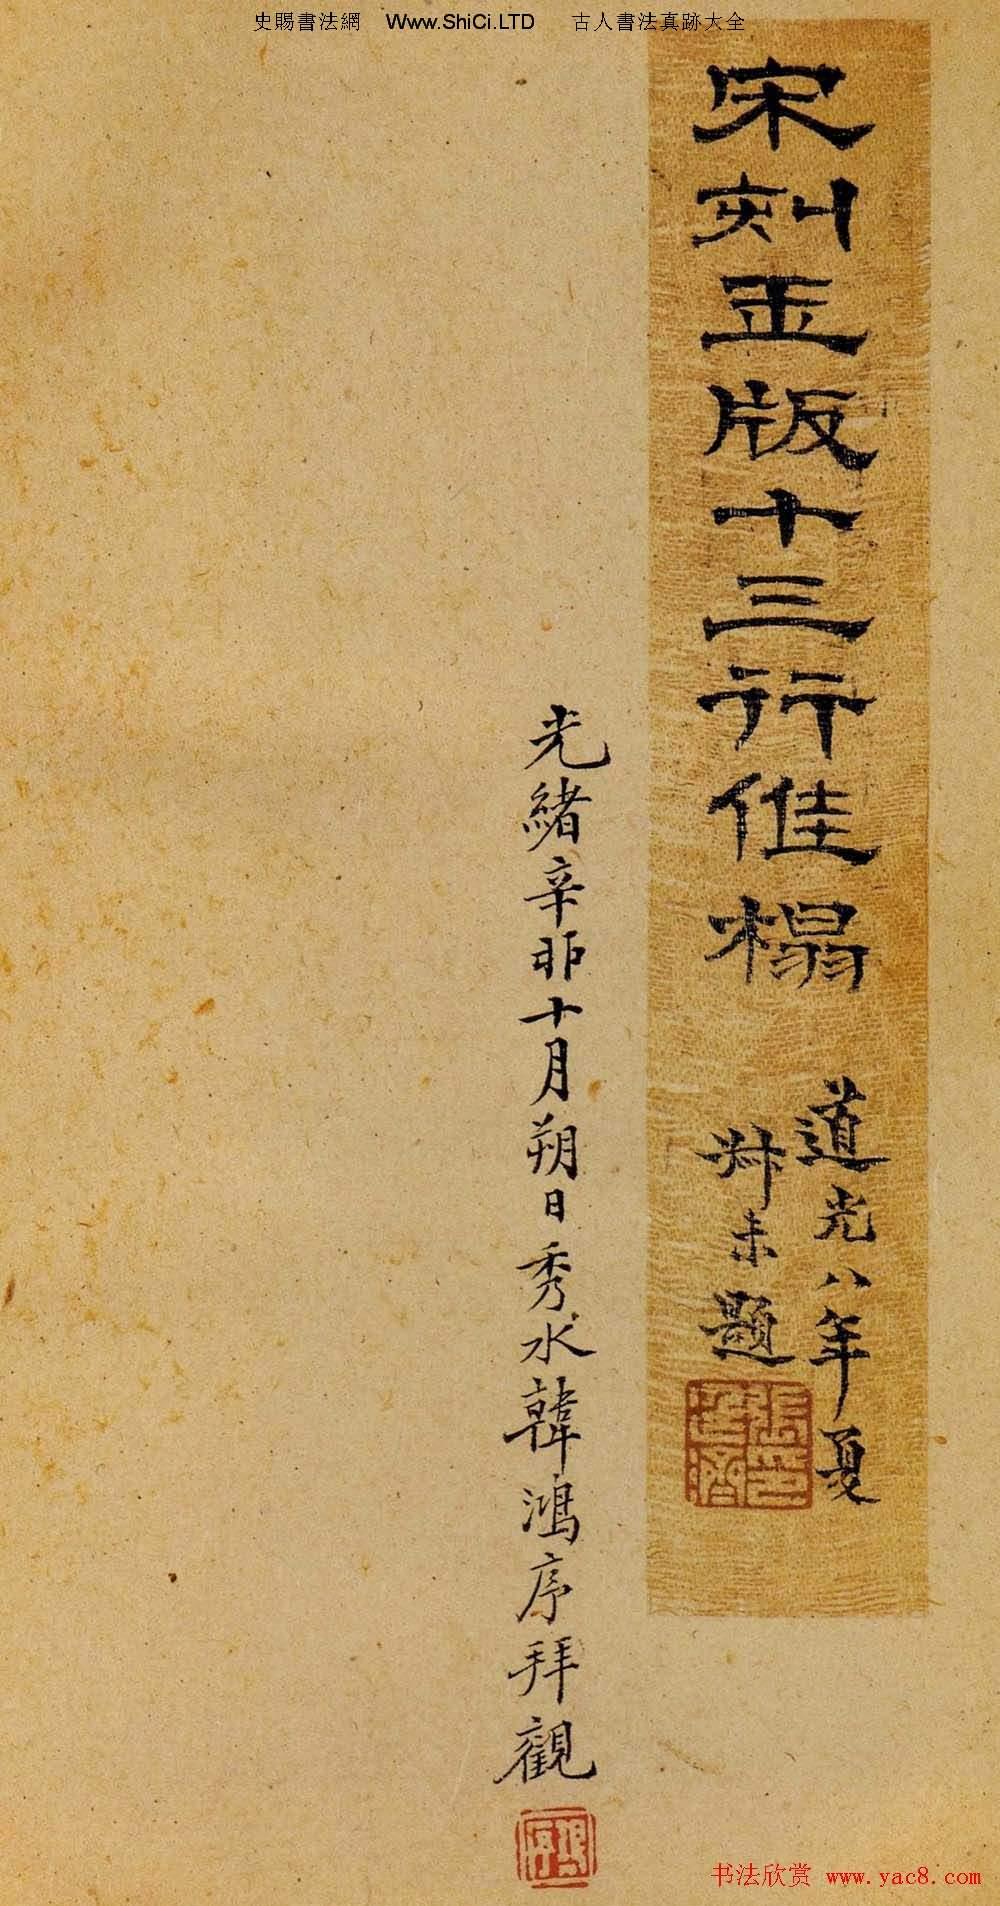 王獻之《洛神賦十三行》宋刻舊拓本